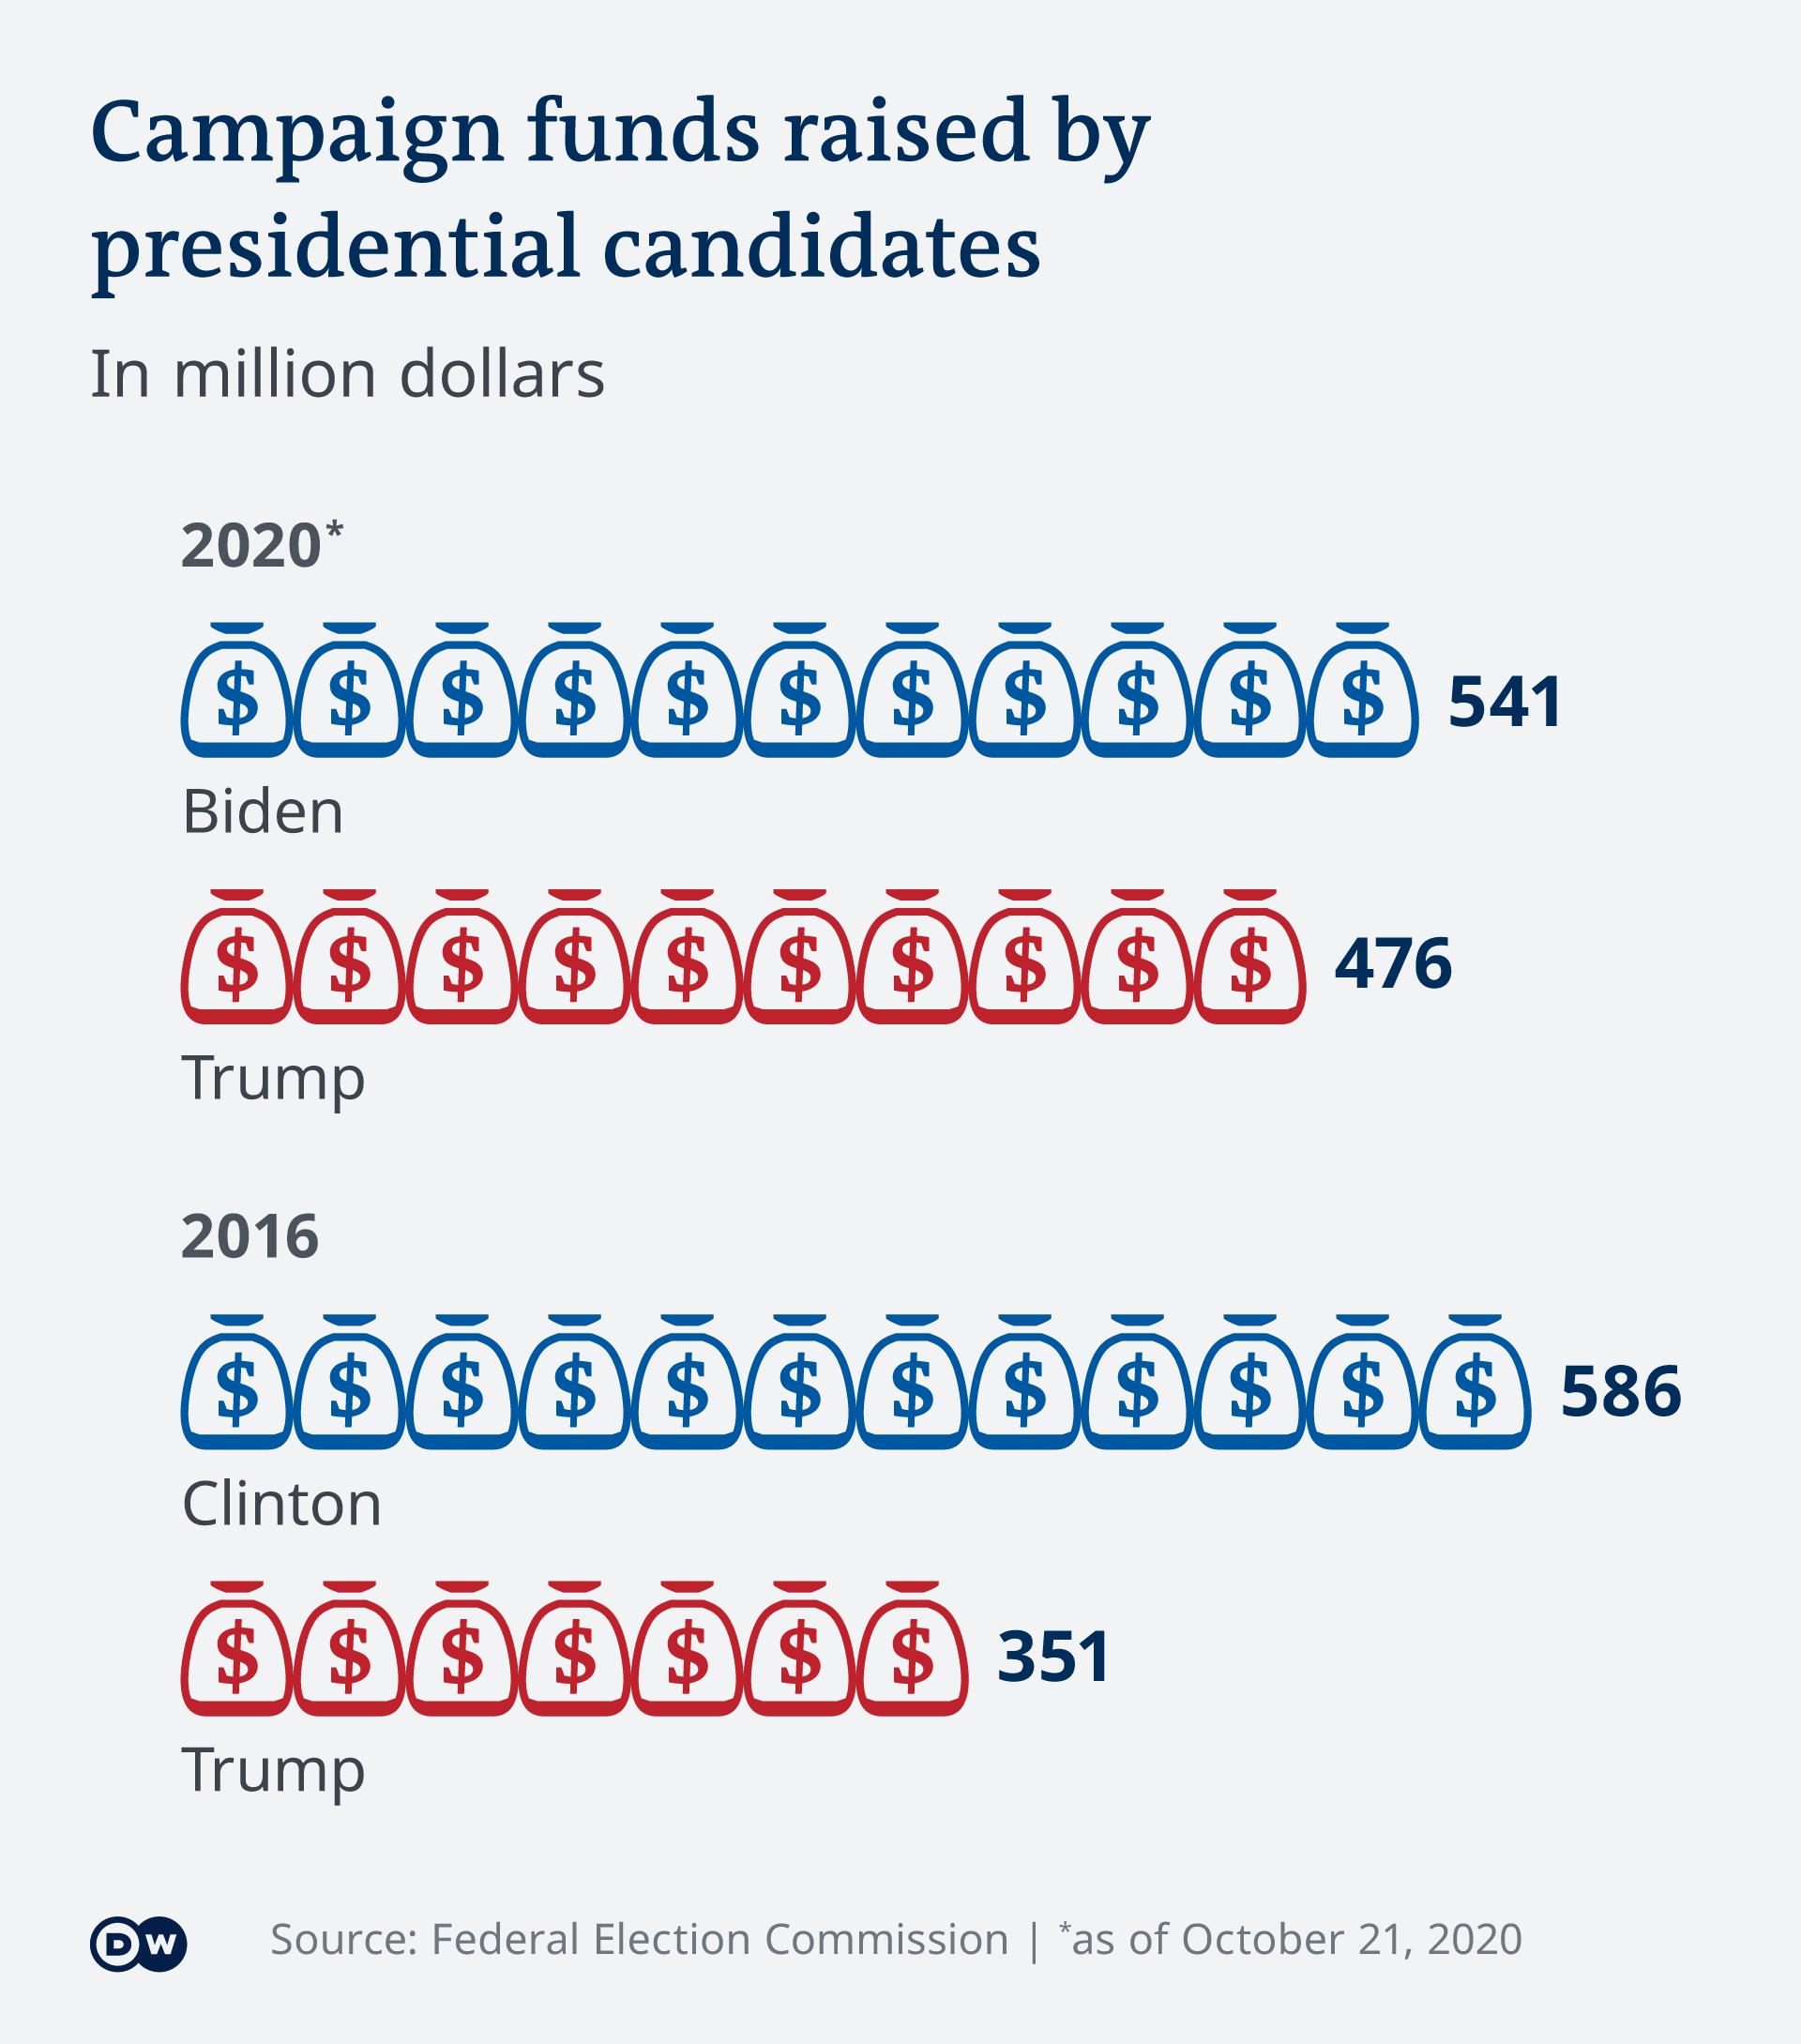 میزان جمعآوری کمکهای مالی کاندیدای دو حزب